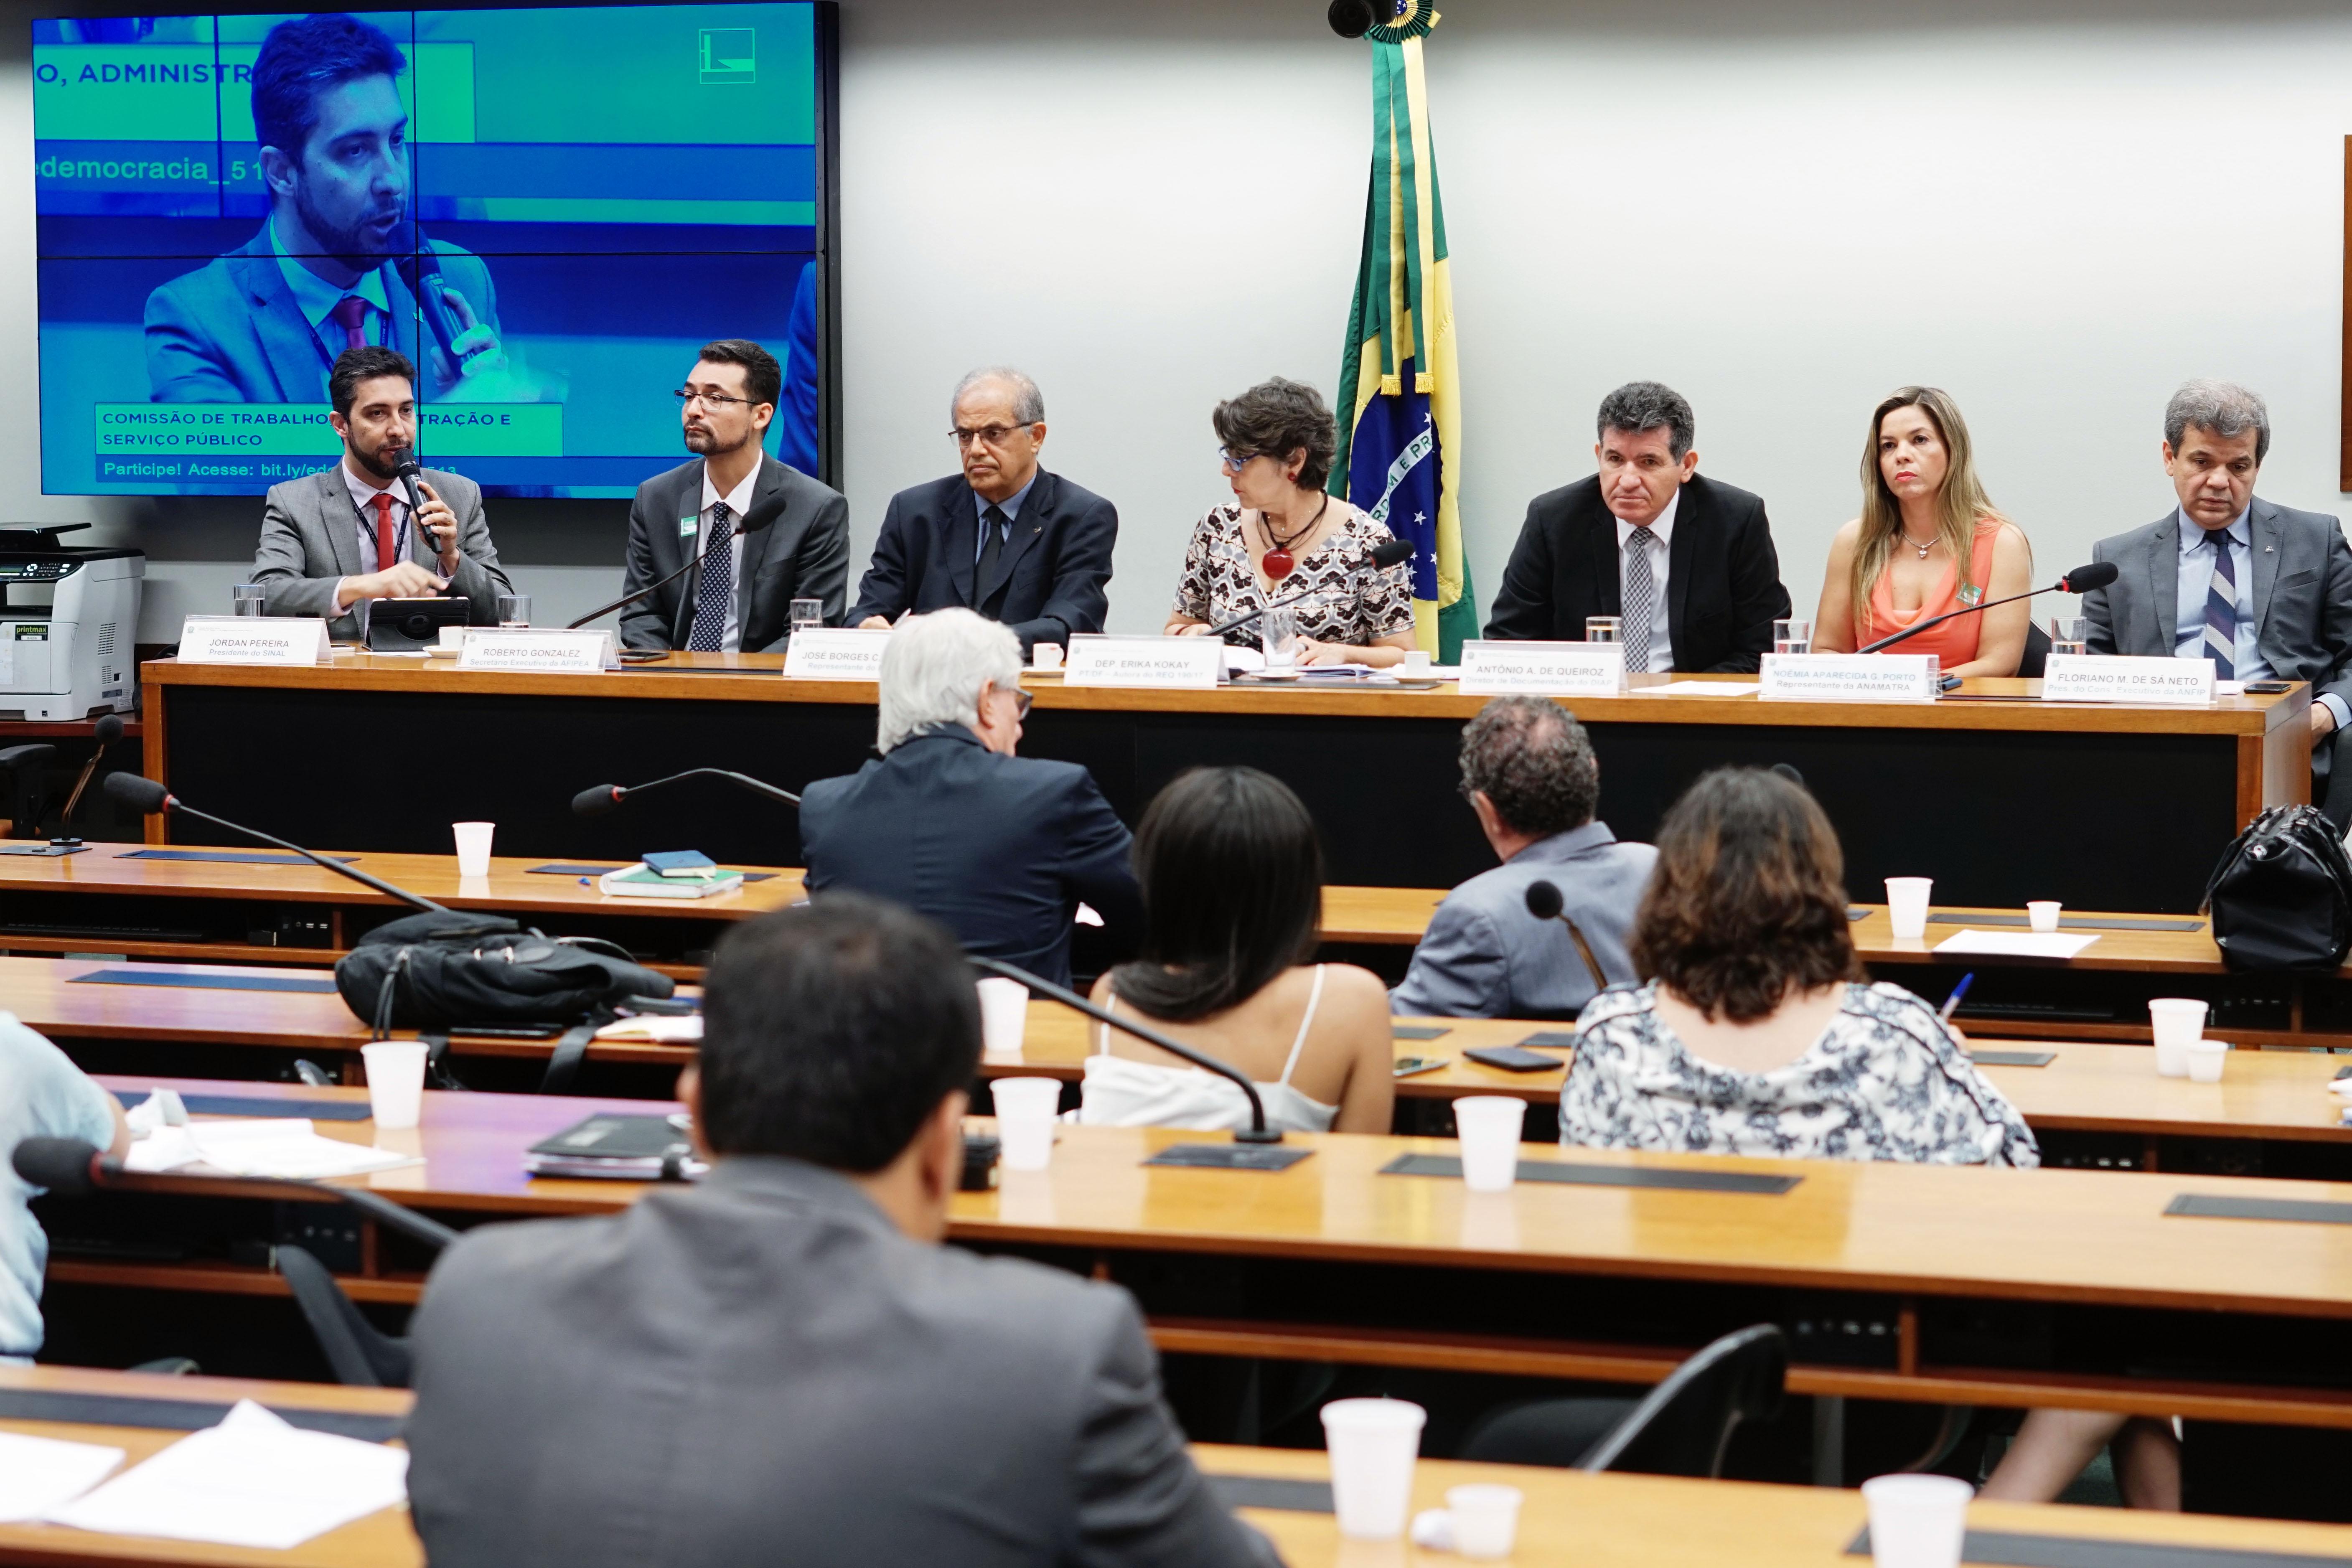 Audiência pública sobre negociação coletiva e direito de greve